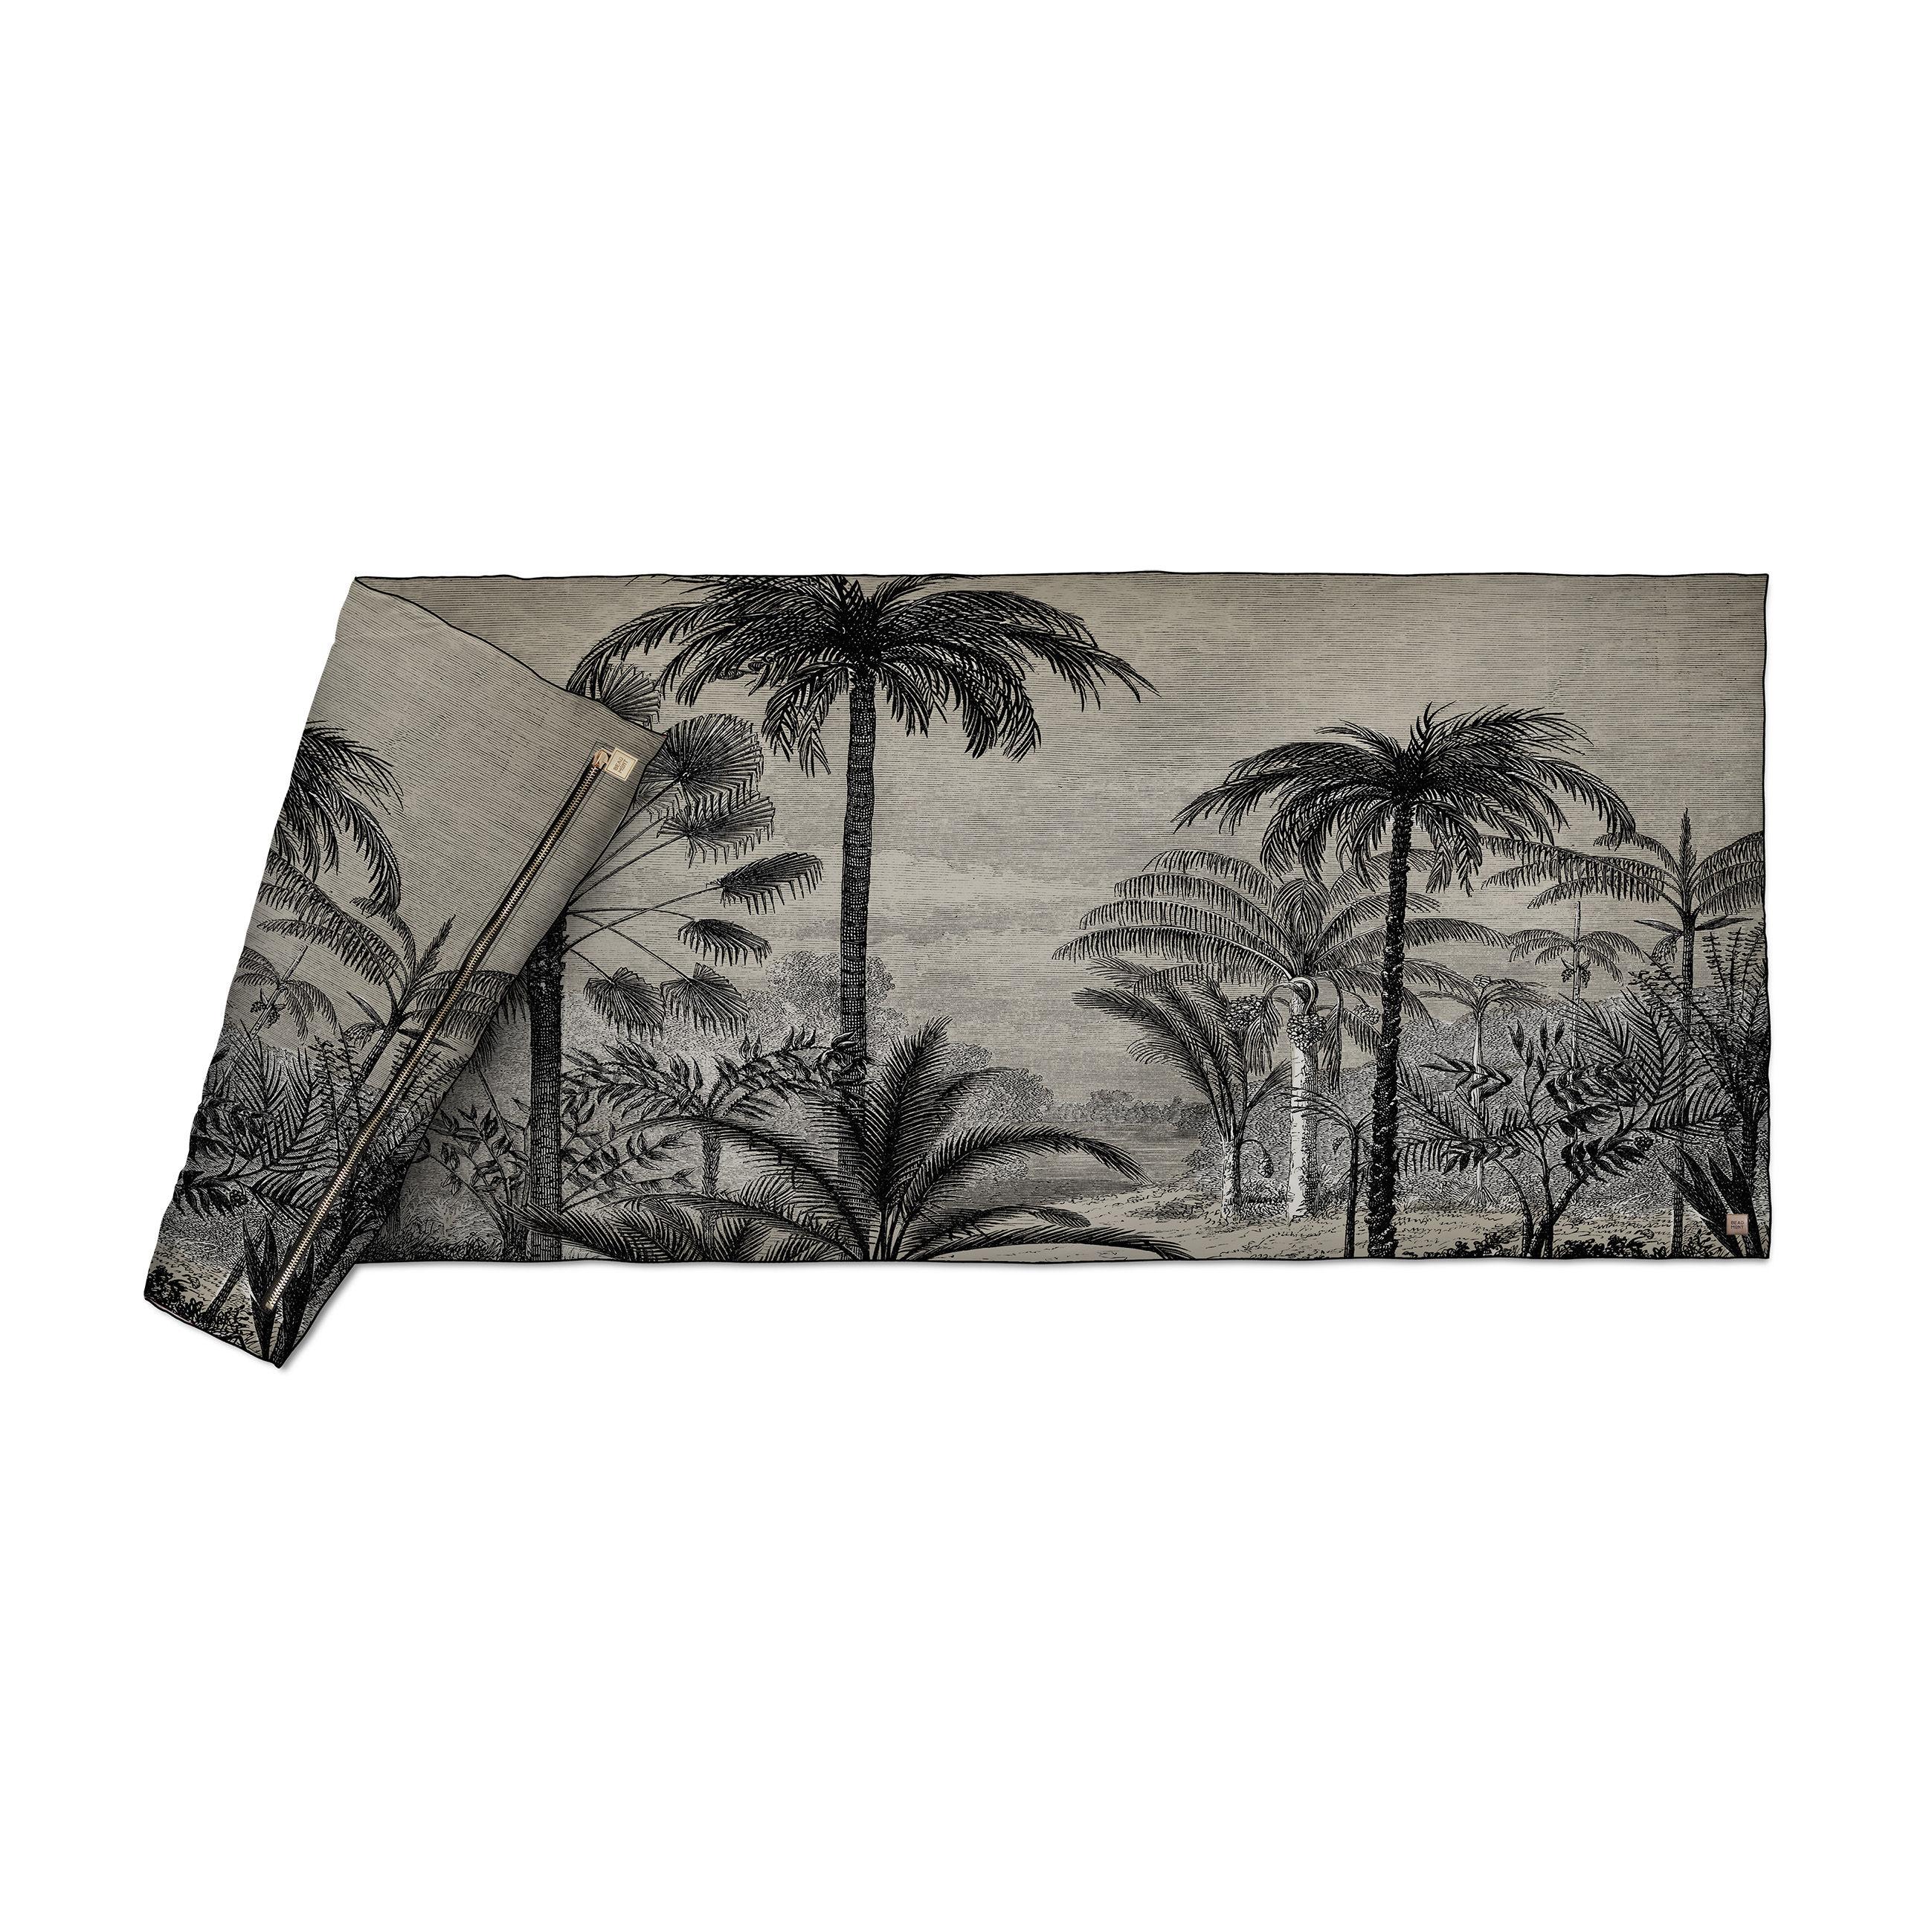 Decoration - Bedding & Bath Towels - Tresors Plaid - / Velvet - 85 x 200 cm by Beaumont - Palmiers No. 1 / Black & white - Fabric, Polyester, Velvet